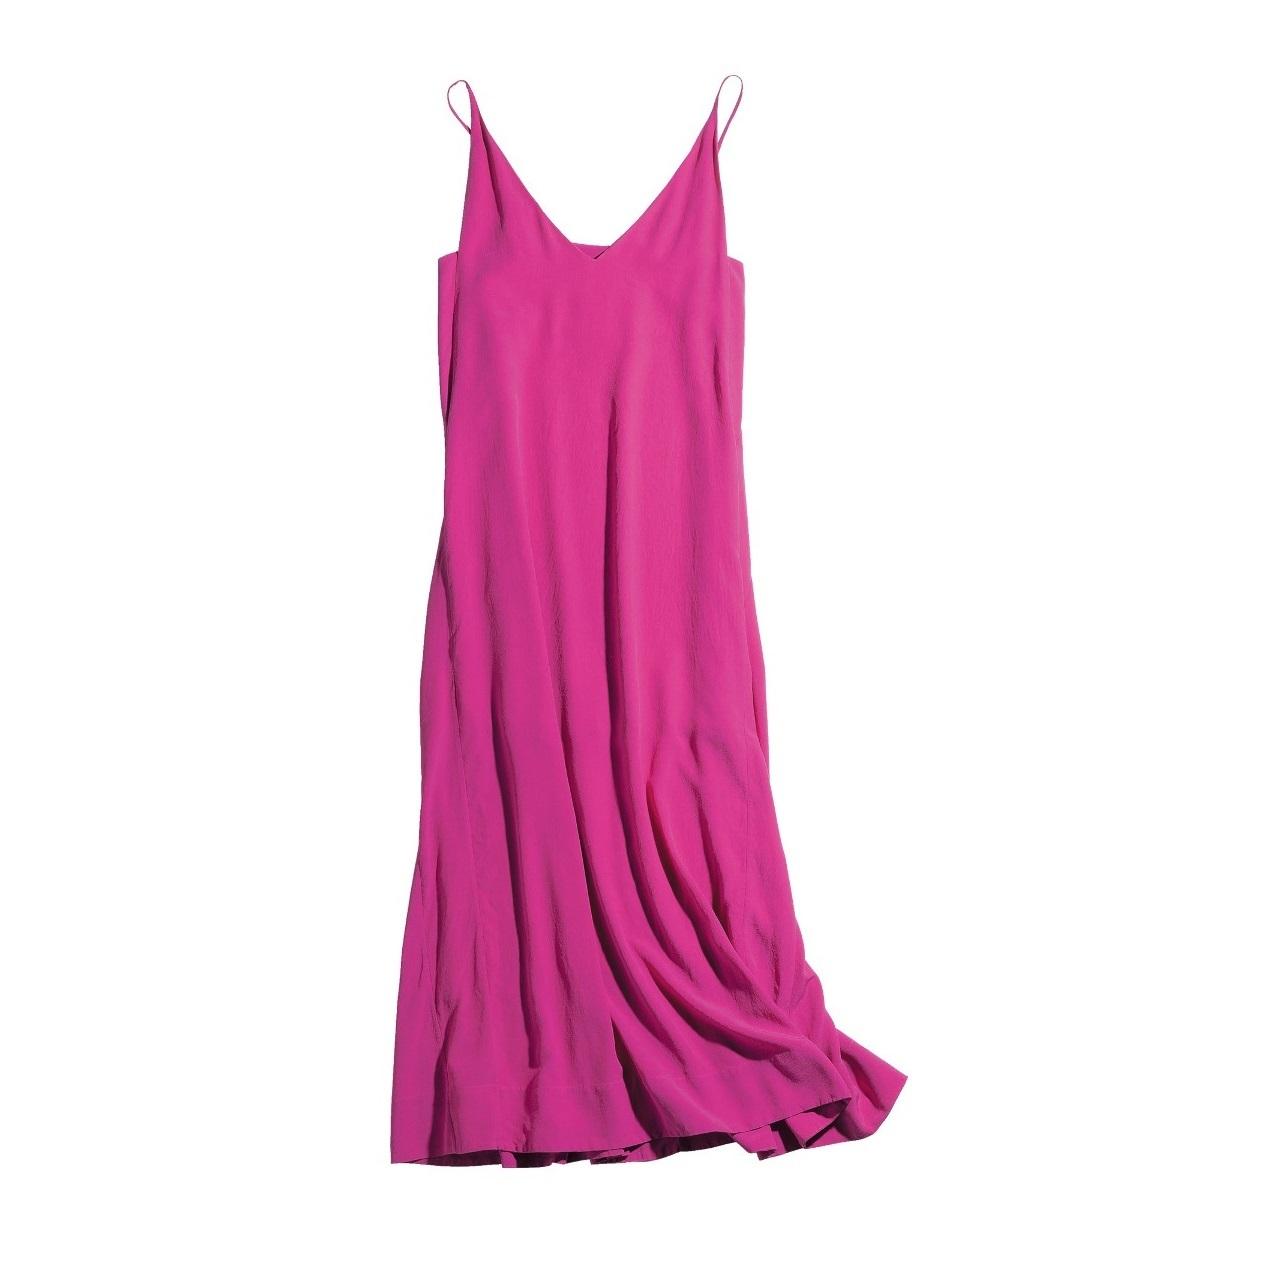 夏もピンクが着たい! 大人っぽく着こなすには濃い目を選んで_1_1